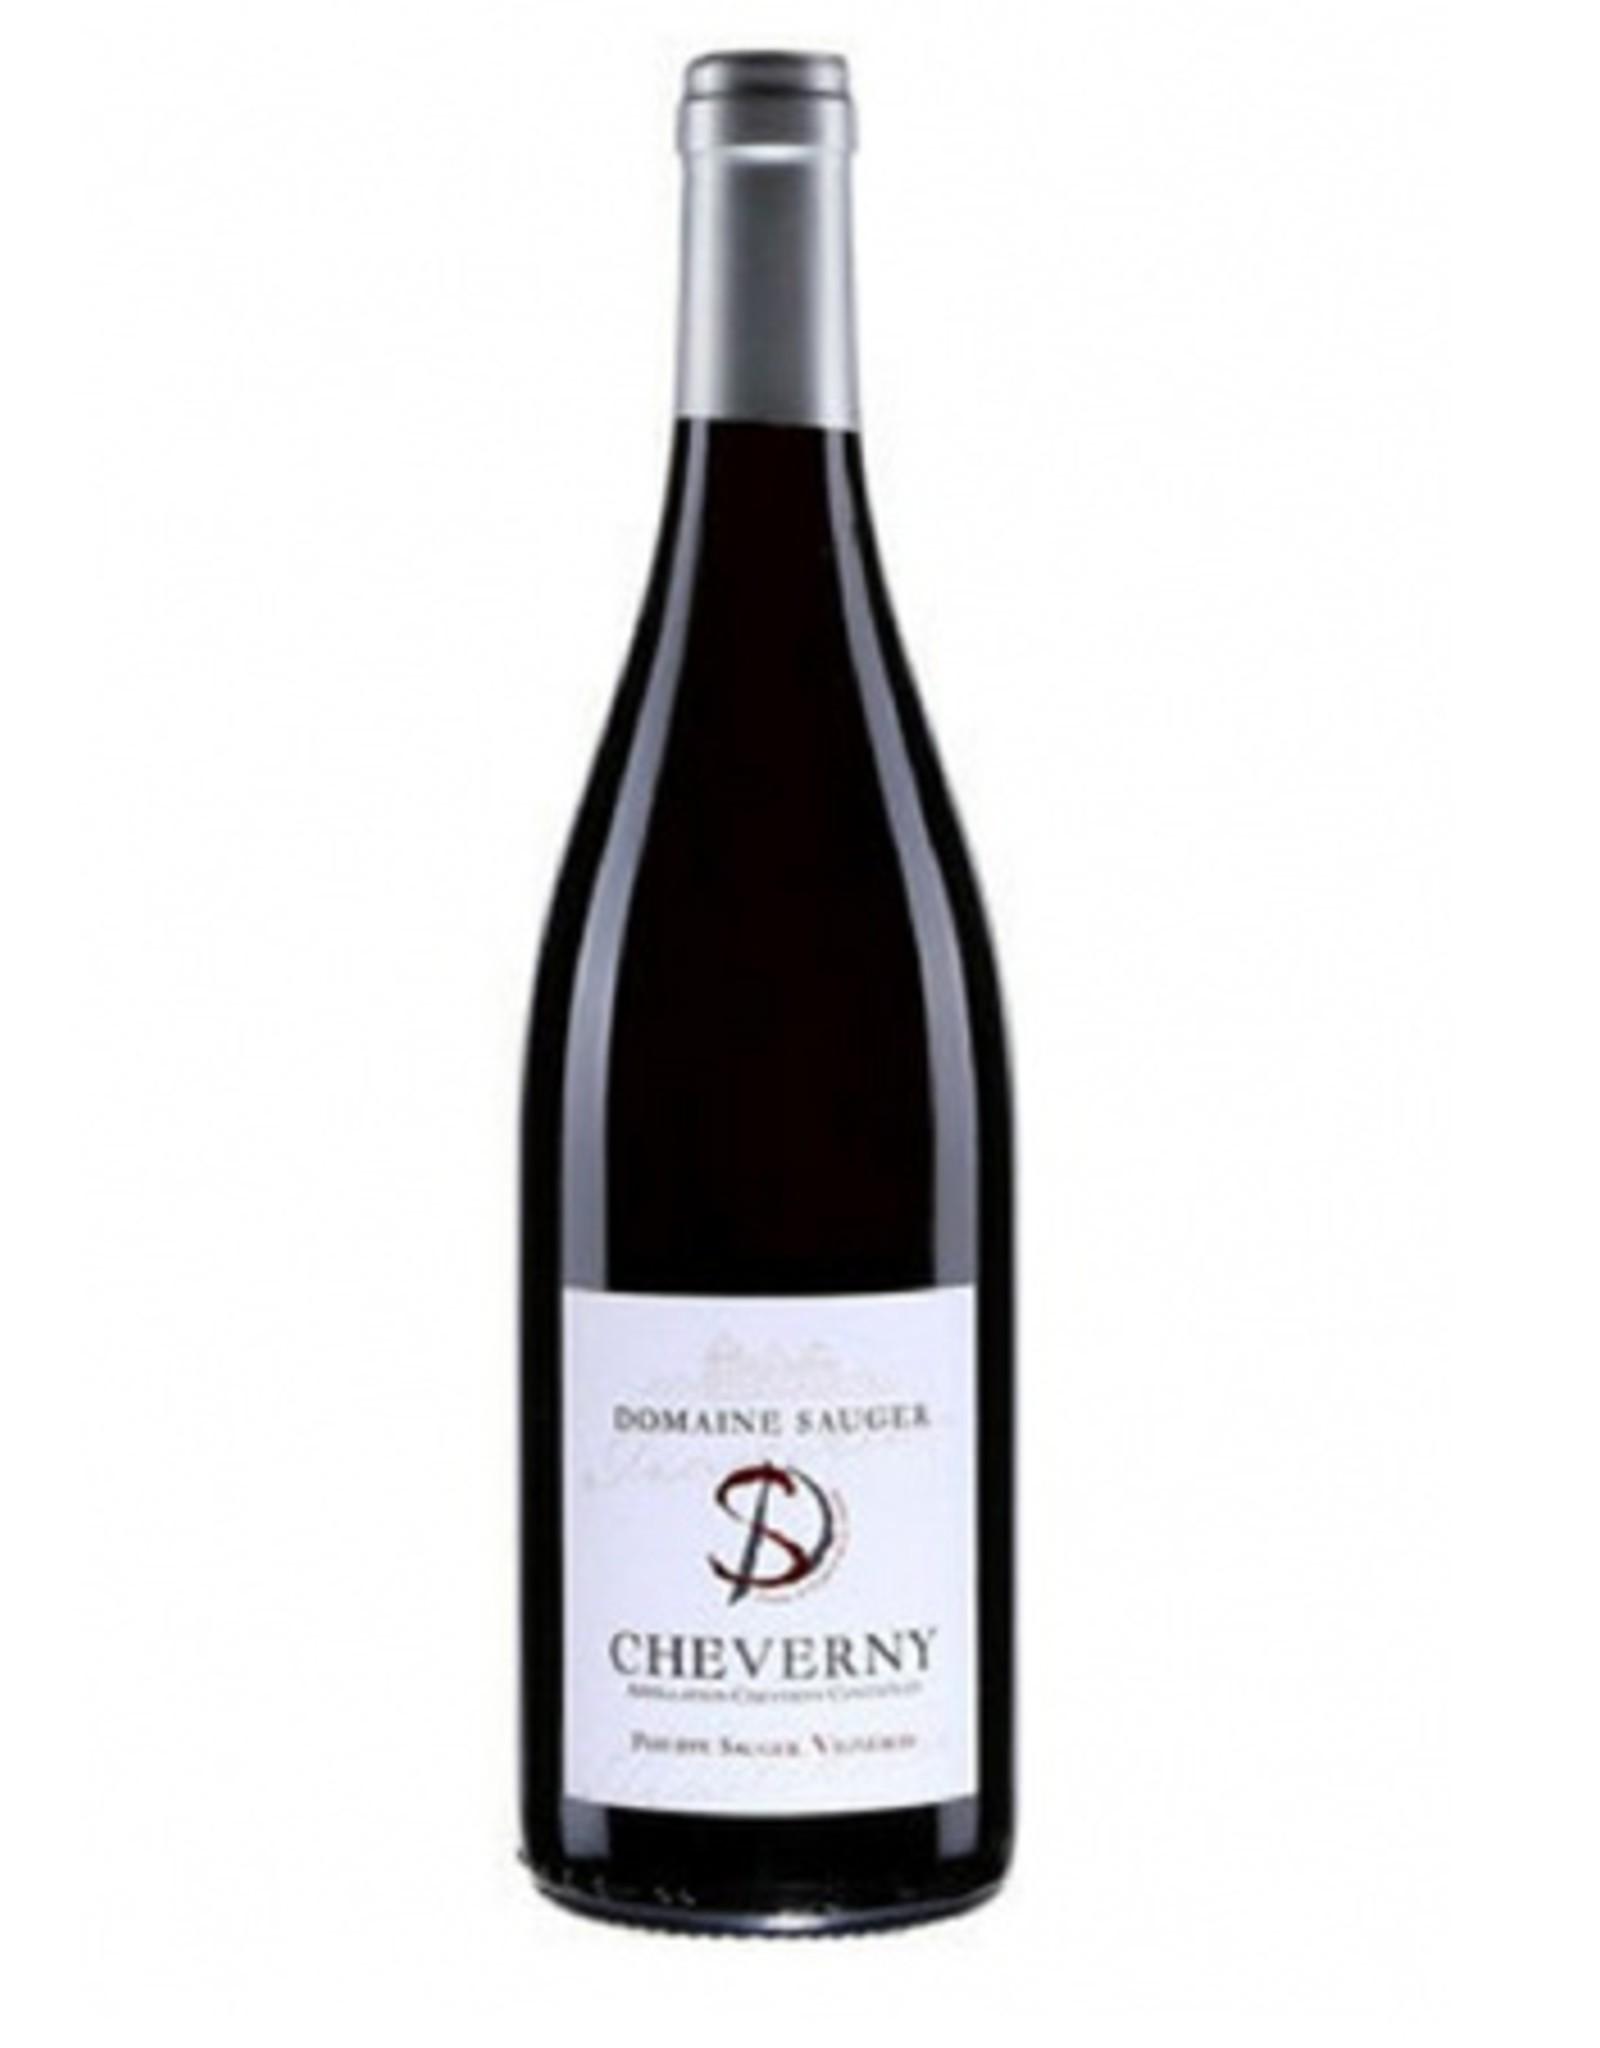 Domaine Sauger Cheverny Rouge Vielles Vignes 2016